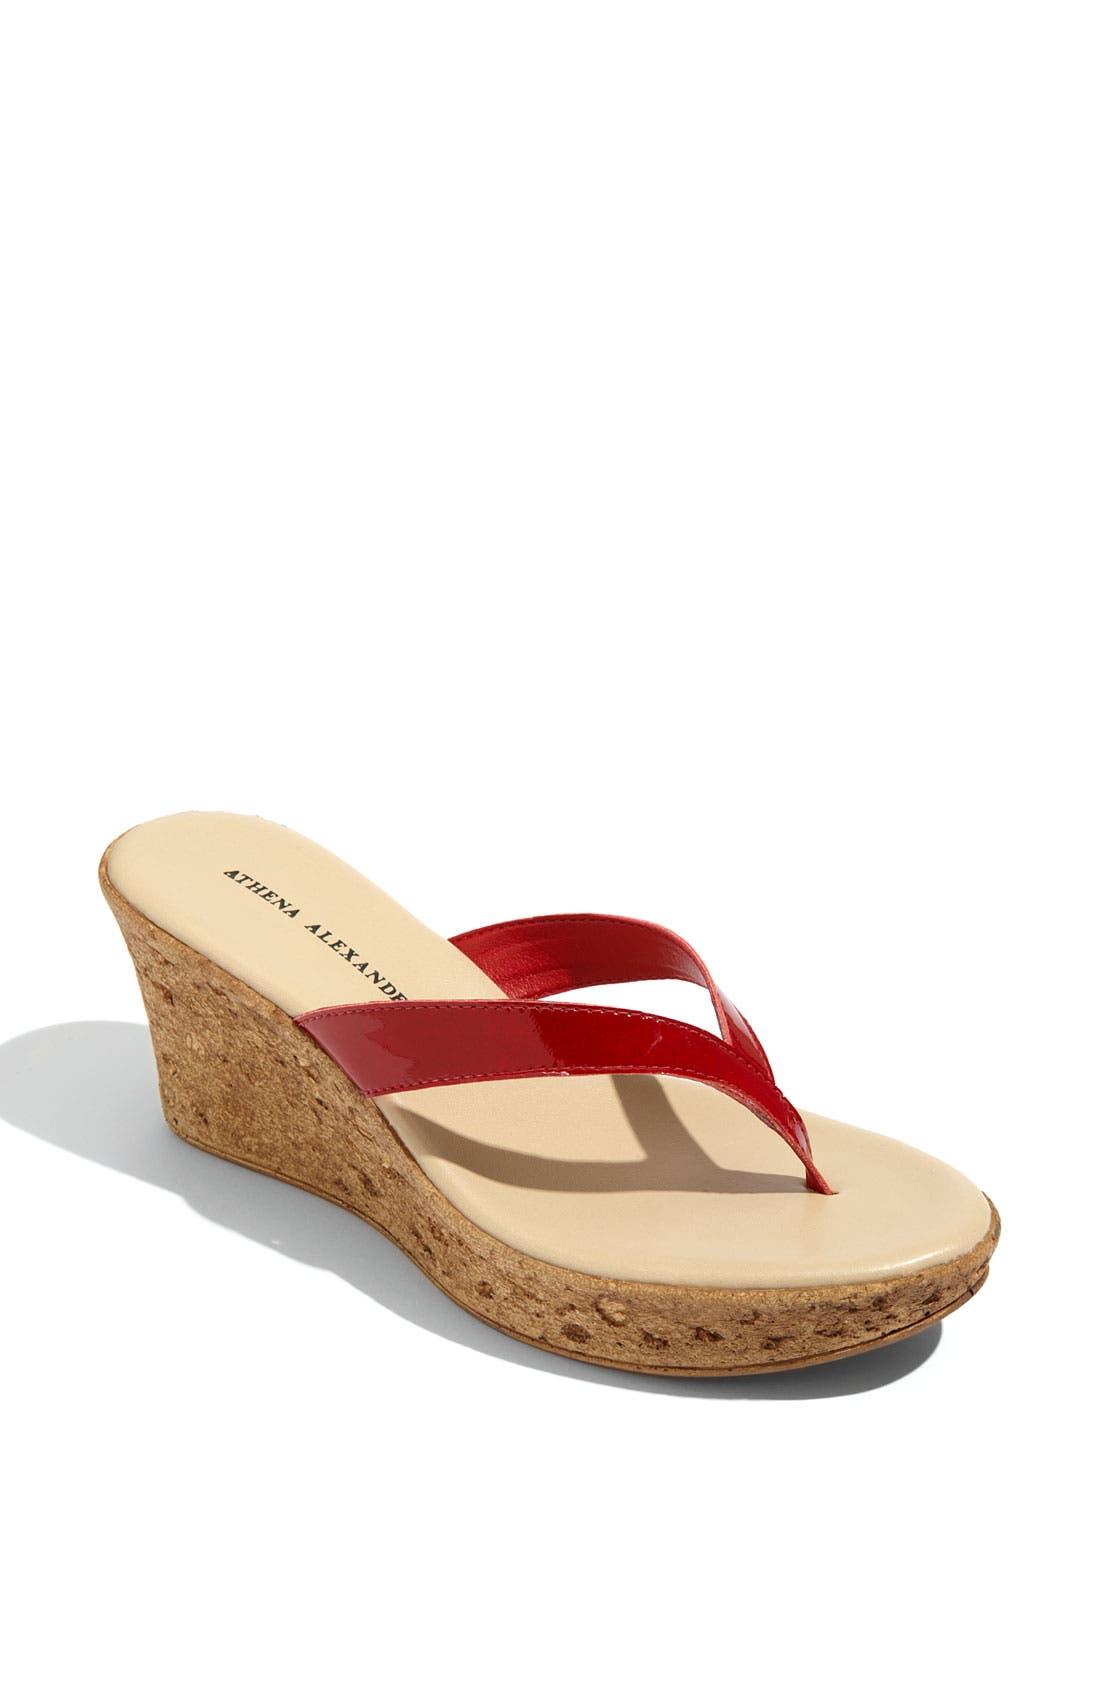 Main Image - Athena Alexander 'Aloha' Sandal